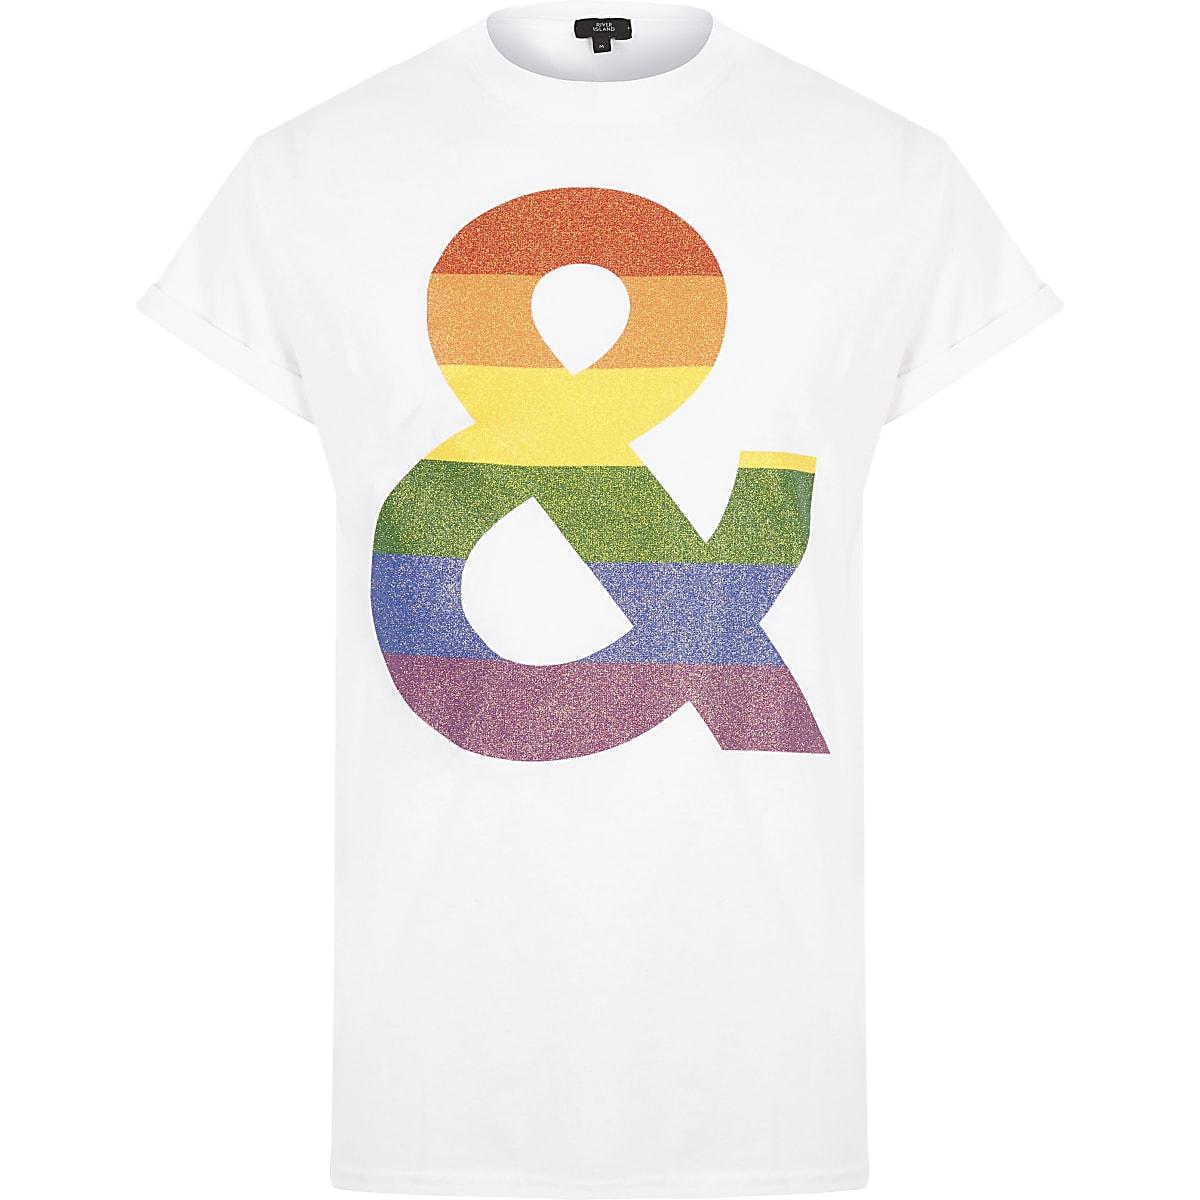 White 'Pride and glitter' T-shirt